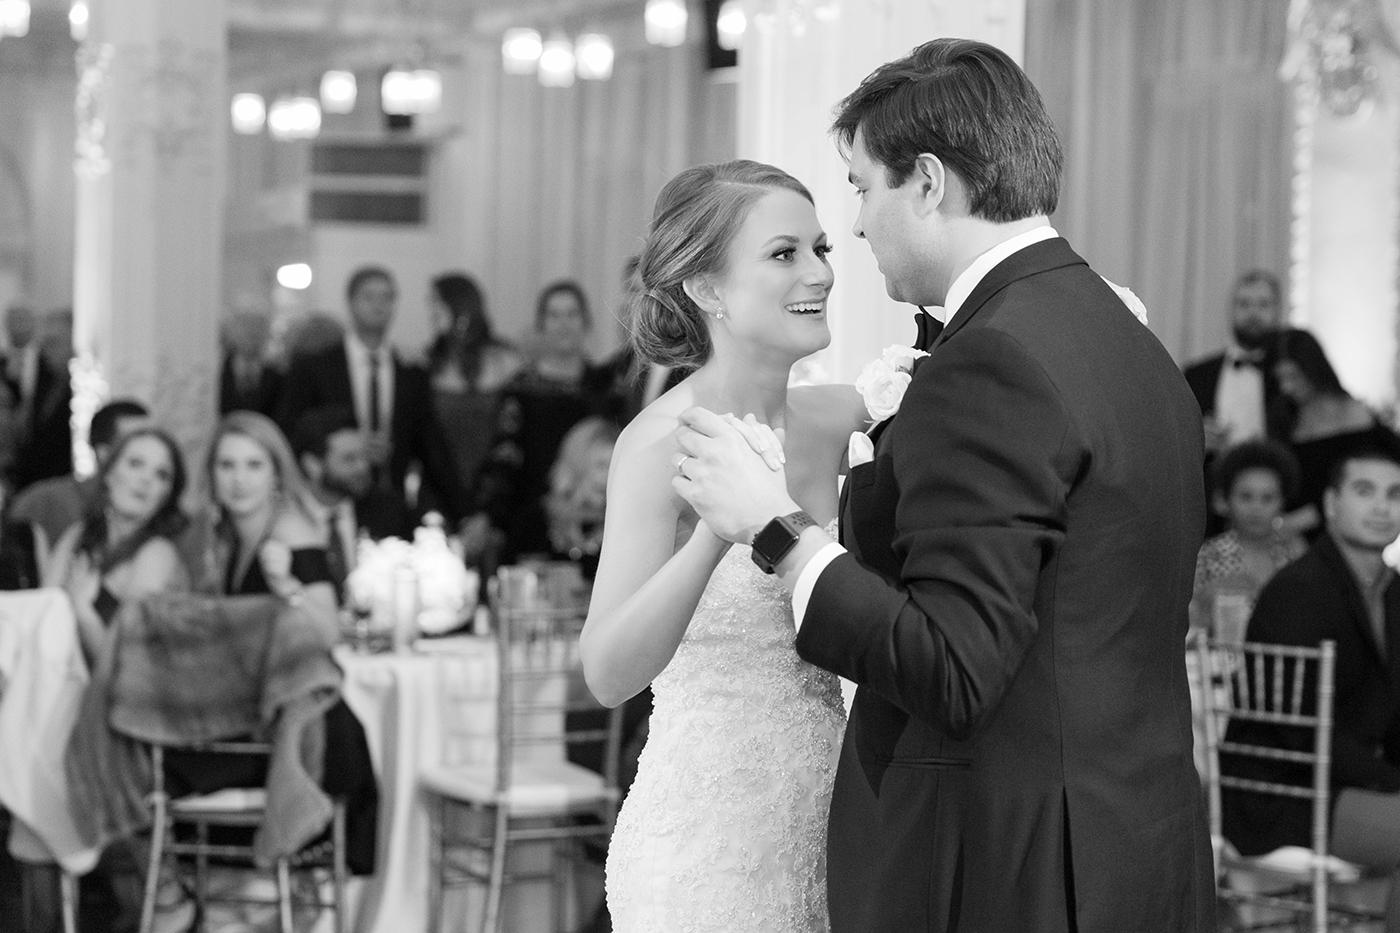 Dallas Wedding Planner - Allday Events - Classic Wedding at Dallas Scottish Rite - 346.jpg